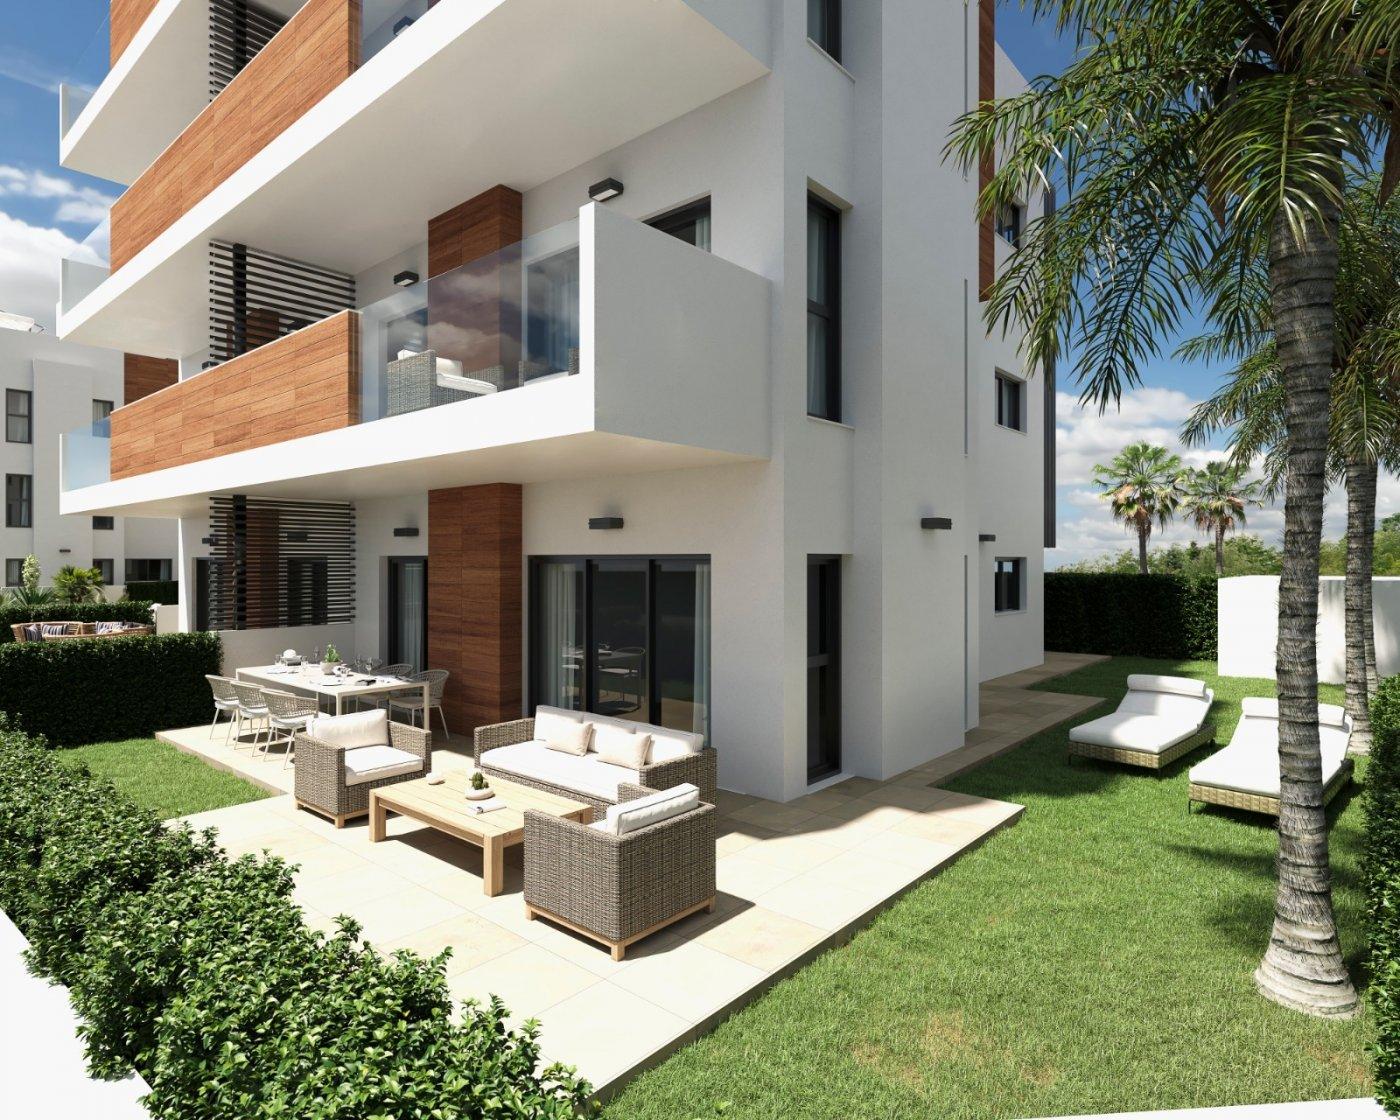 Nuevo residencial en san javier!!! - imagenInmueble1